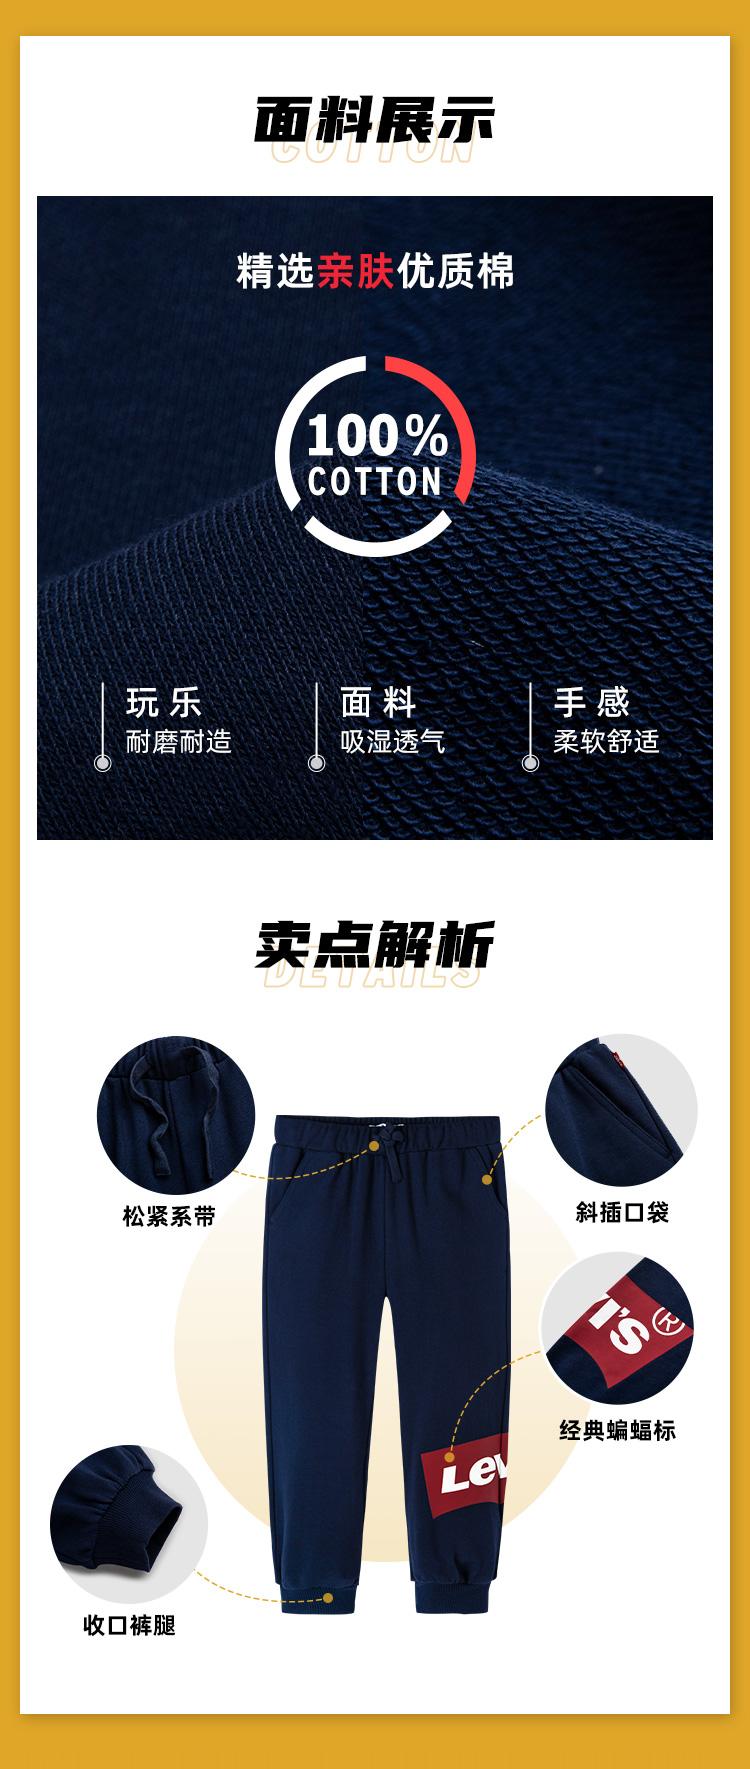 李维斯 儿童 100%纯棉 针织长裤 运动休闲裤 图2